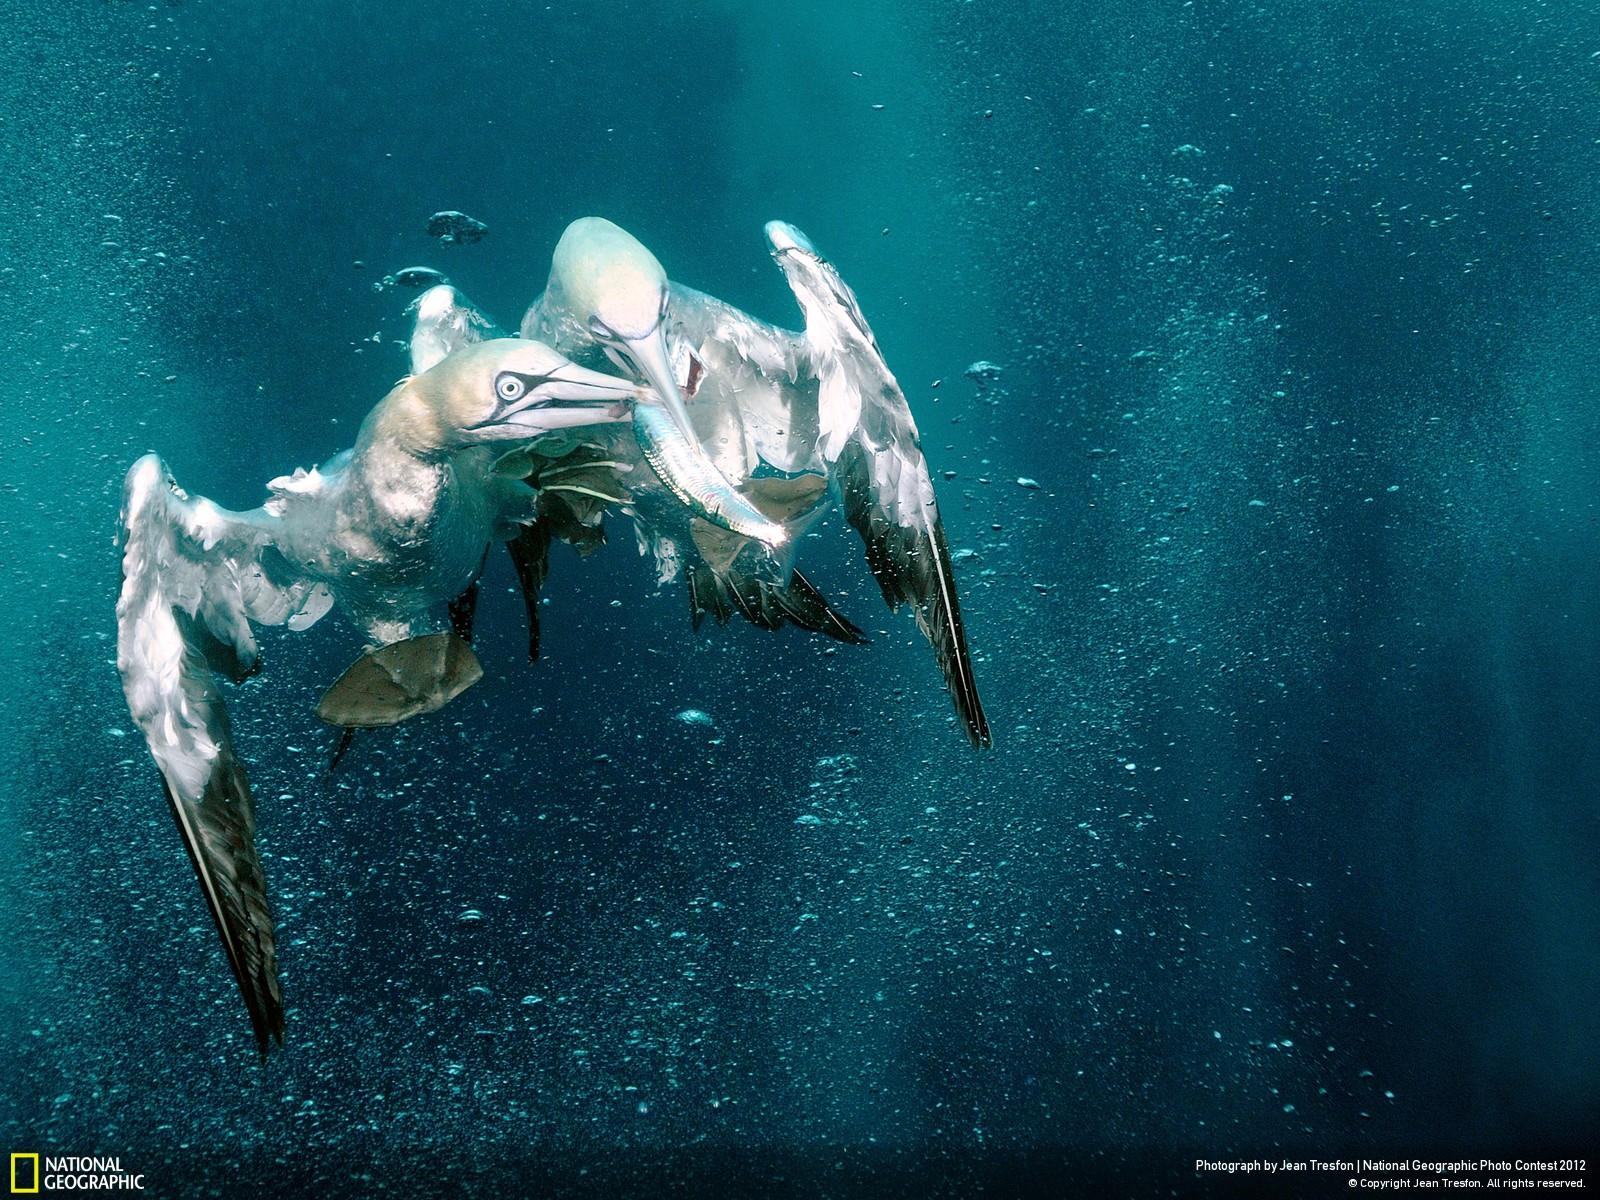 50 Лучшие фотографии за 2012 год по версии National Geographic